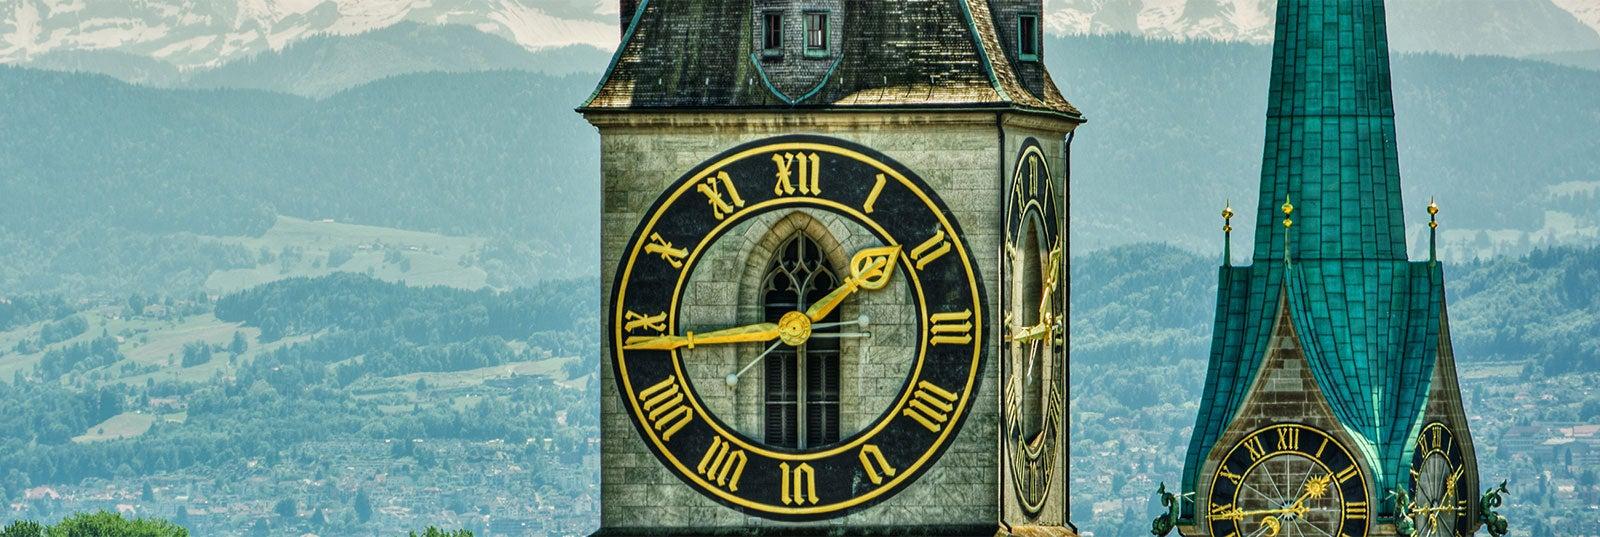 Guía turística de Zurich